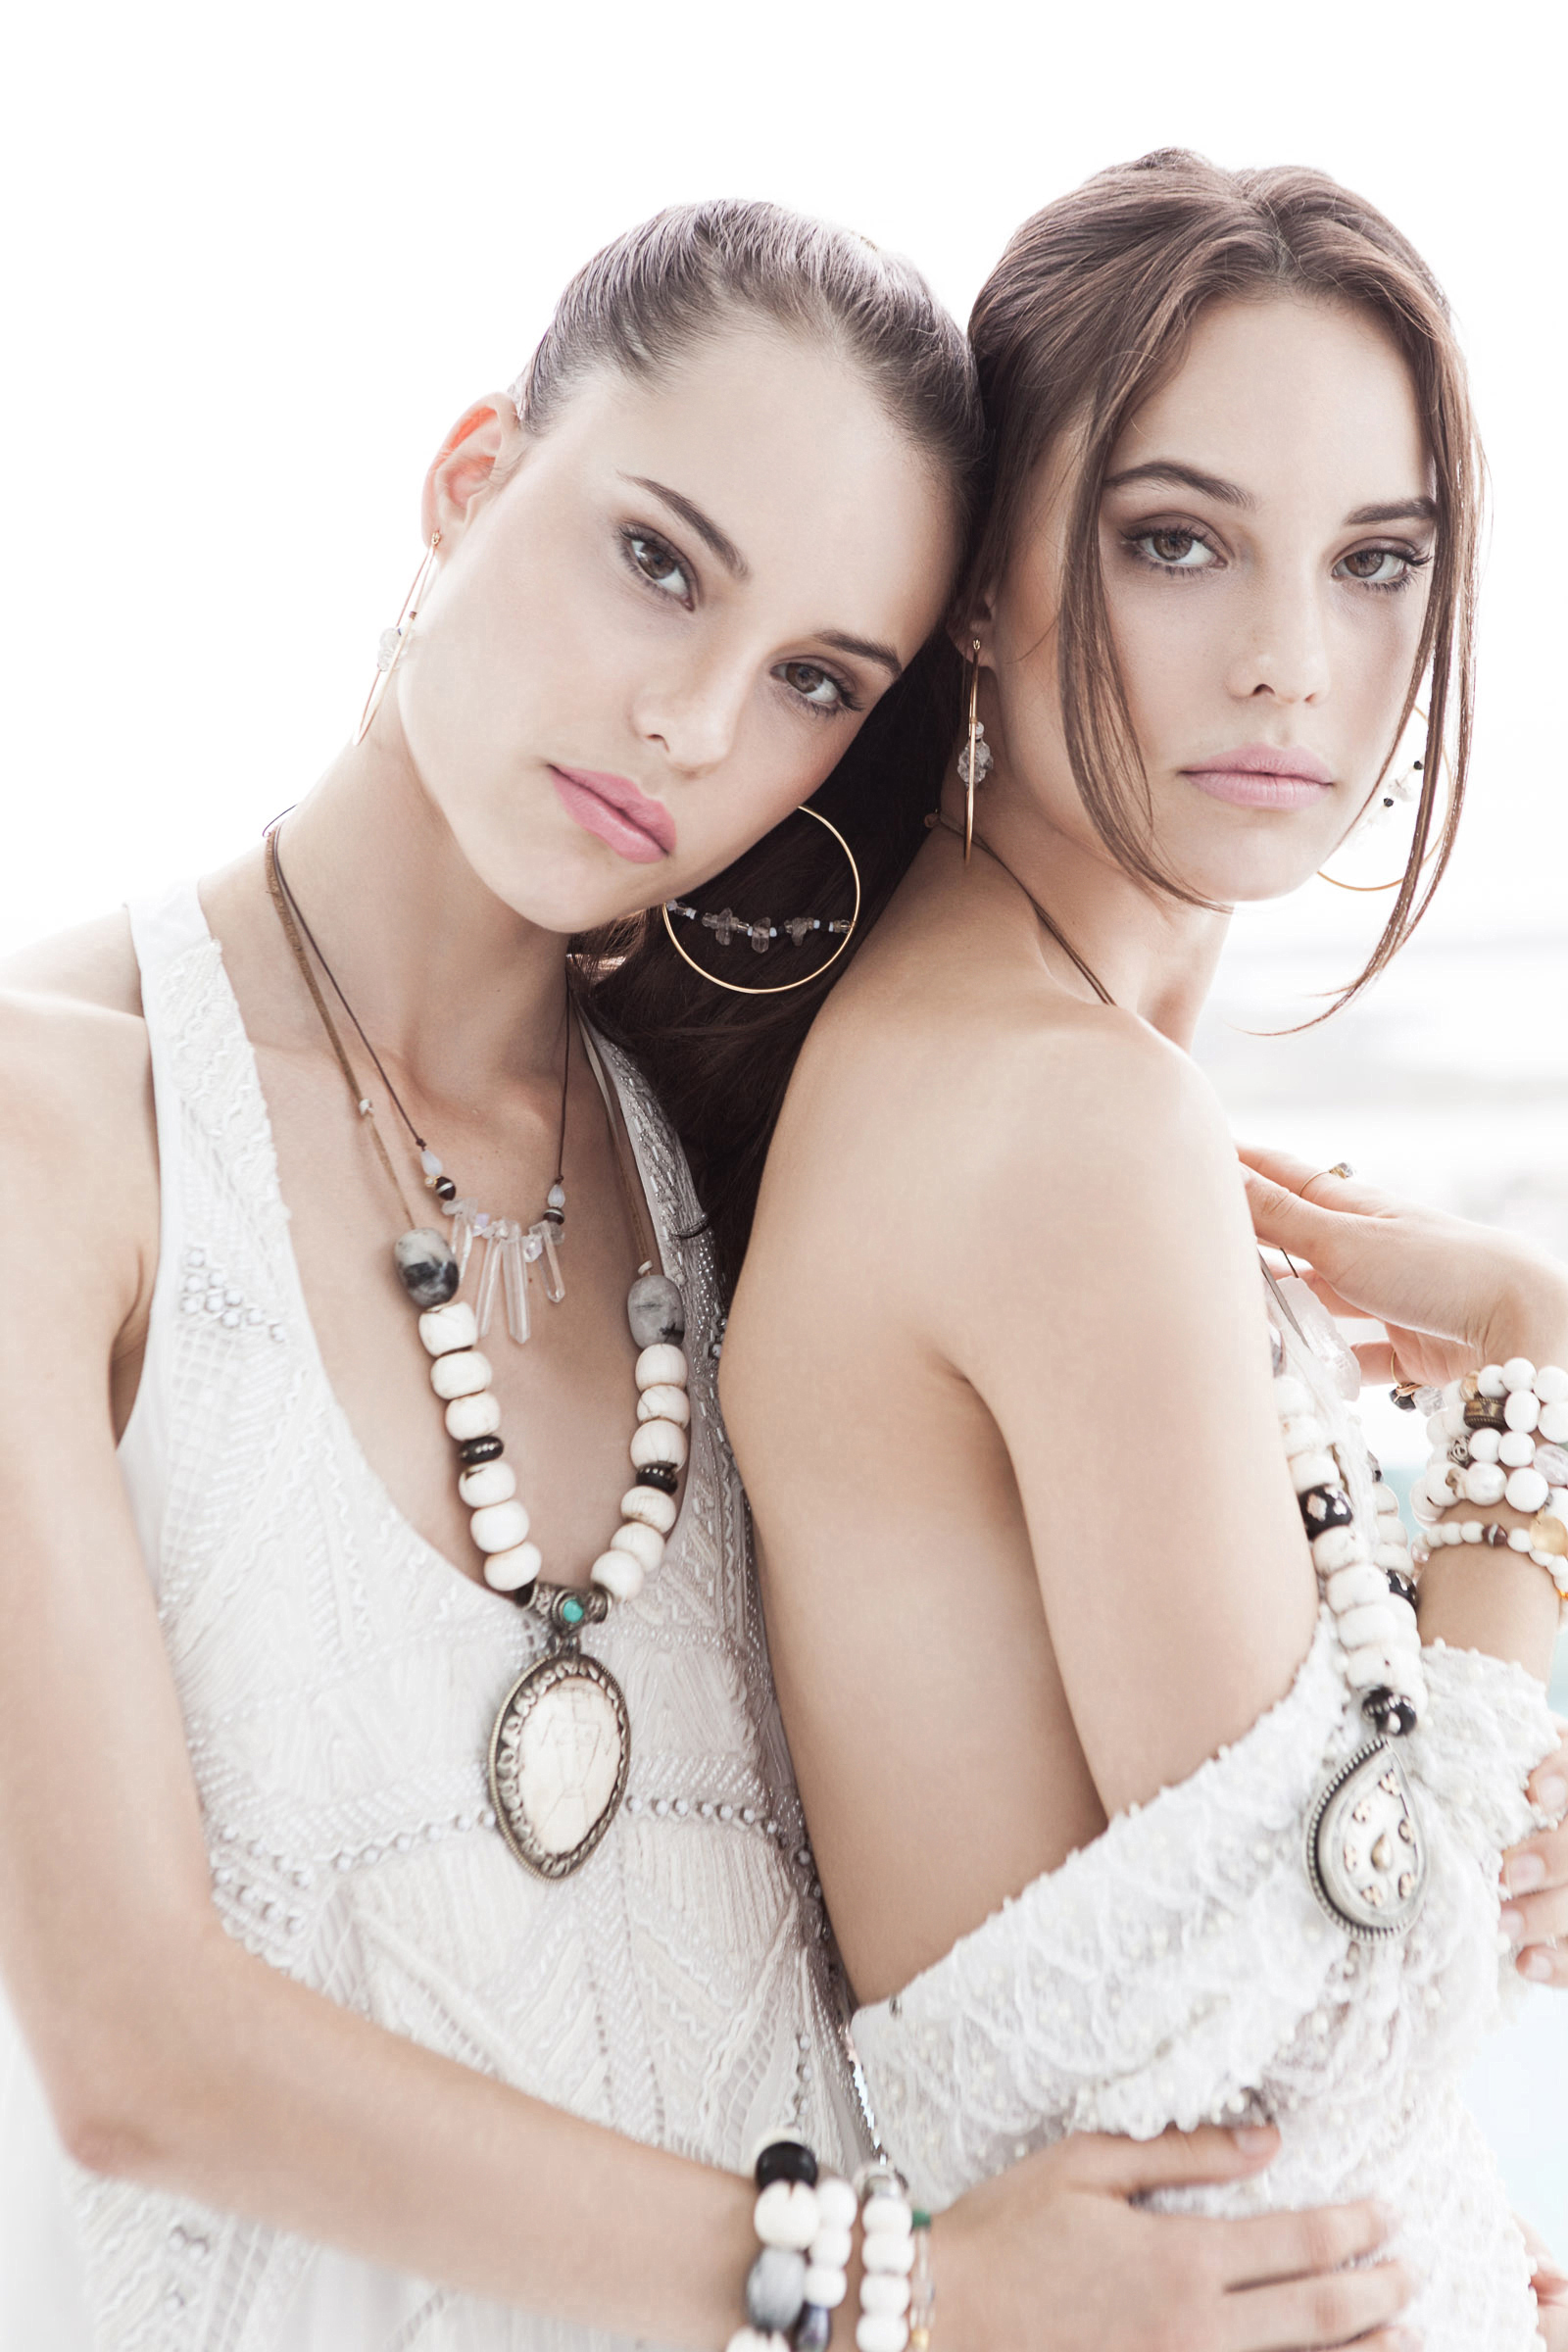 musa_twins_selects-4925.jpg